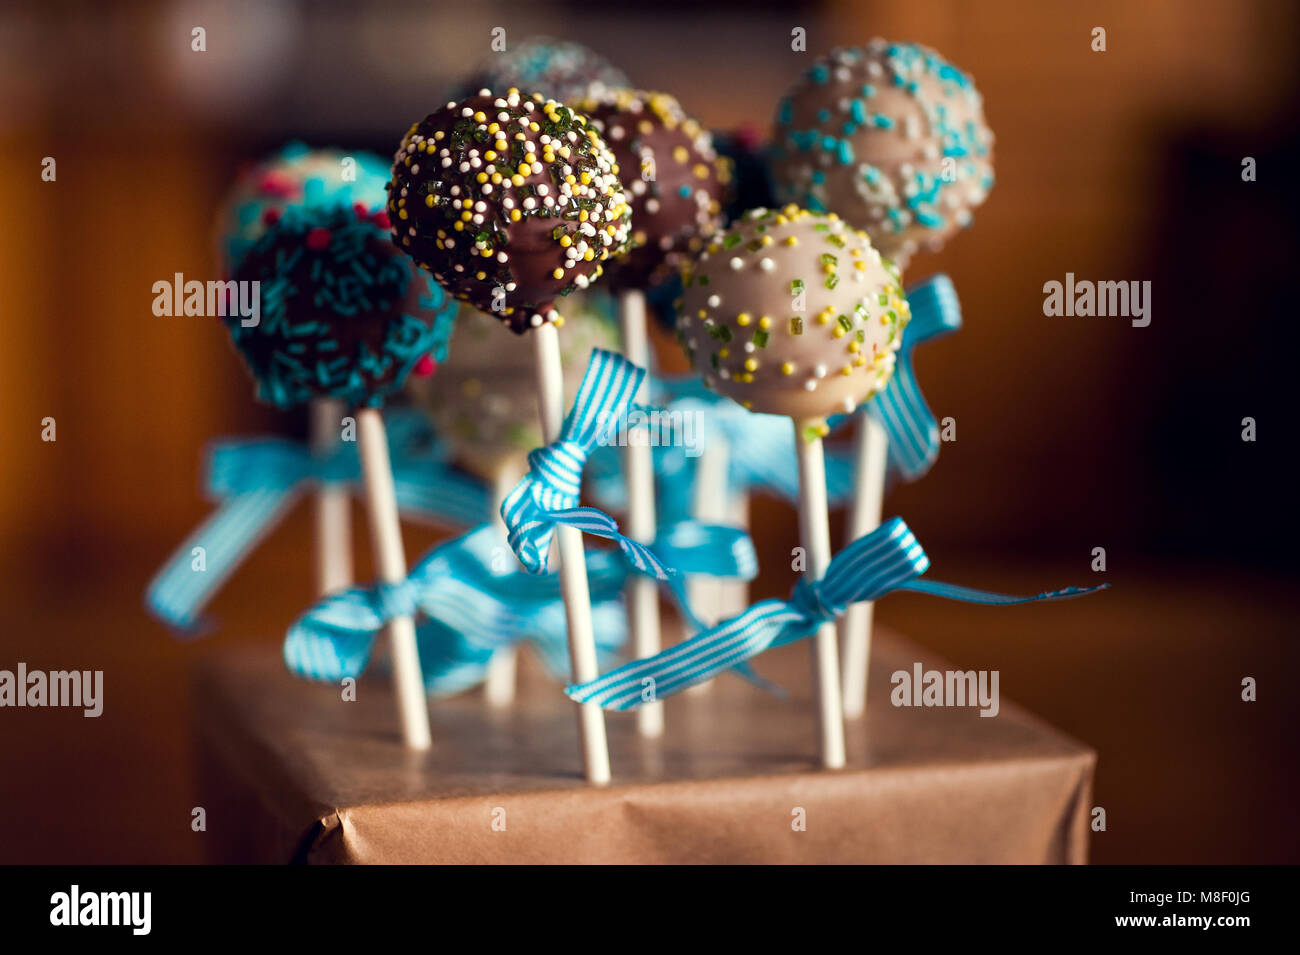 Arrangiert cakepops mit süßen kleinen Kugeln vorbereitet zu essen Stockfoto